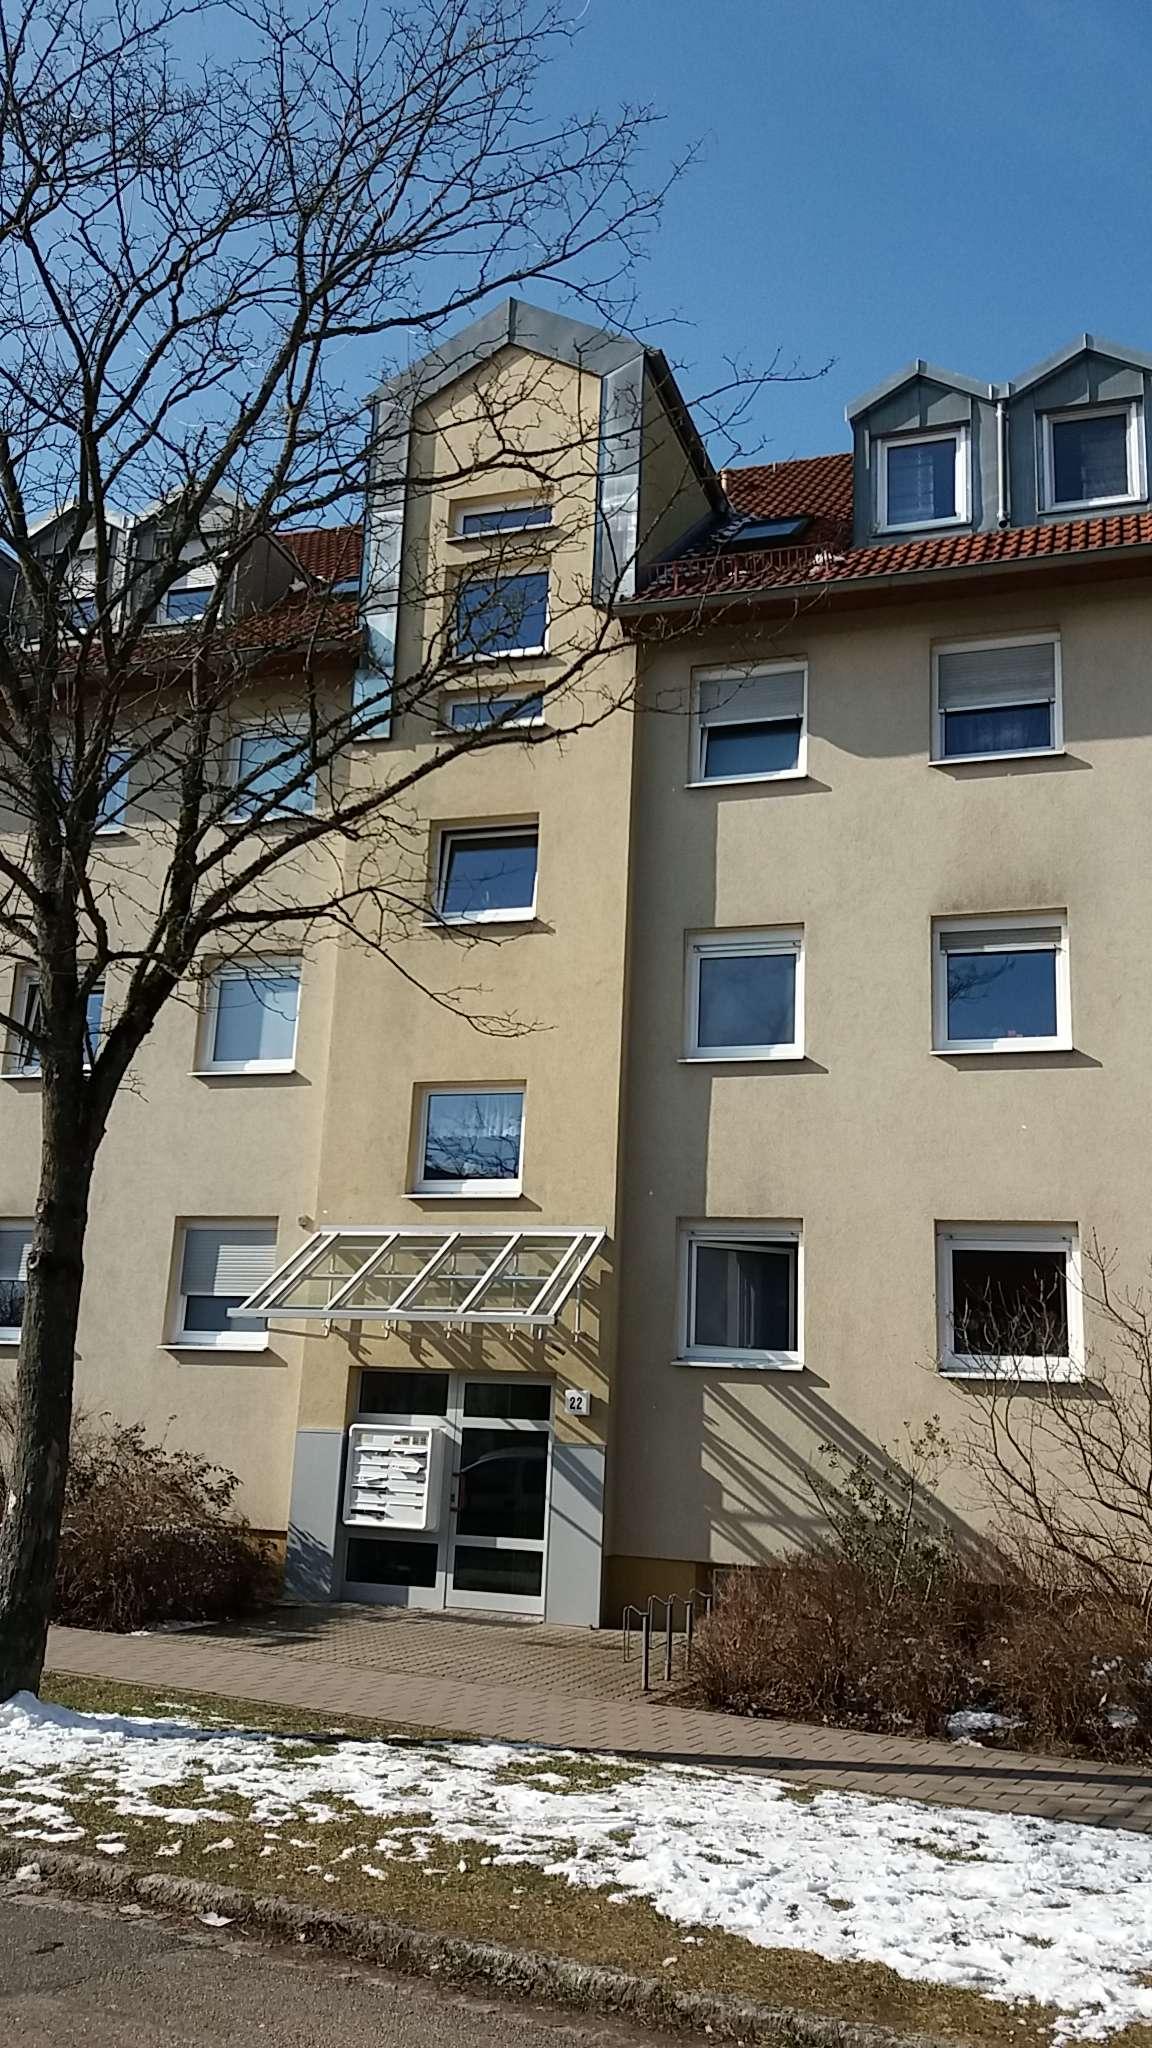 Dreizimmersozialwohnung mit Balkon zu vermieten ! in Roth (Roth)